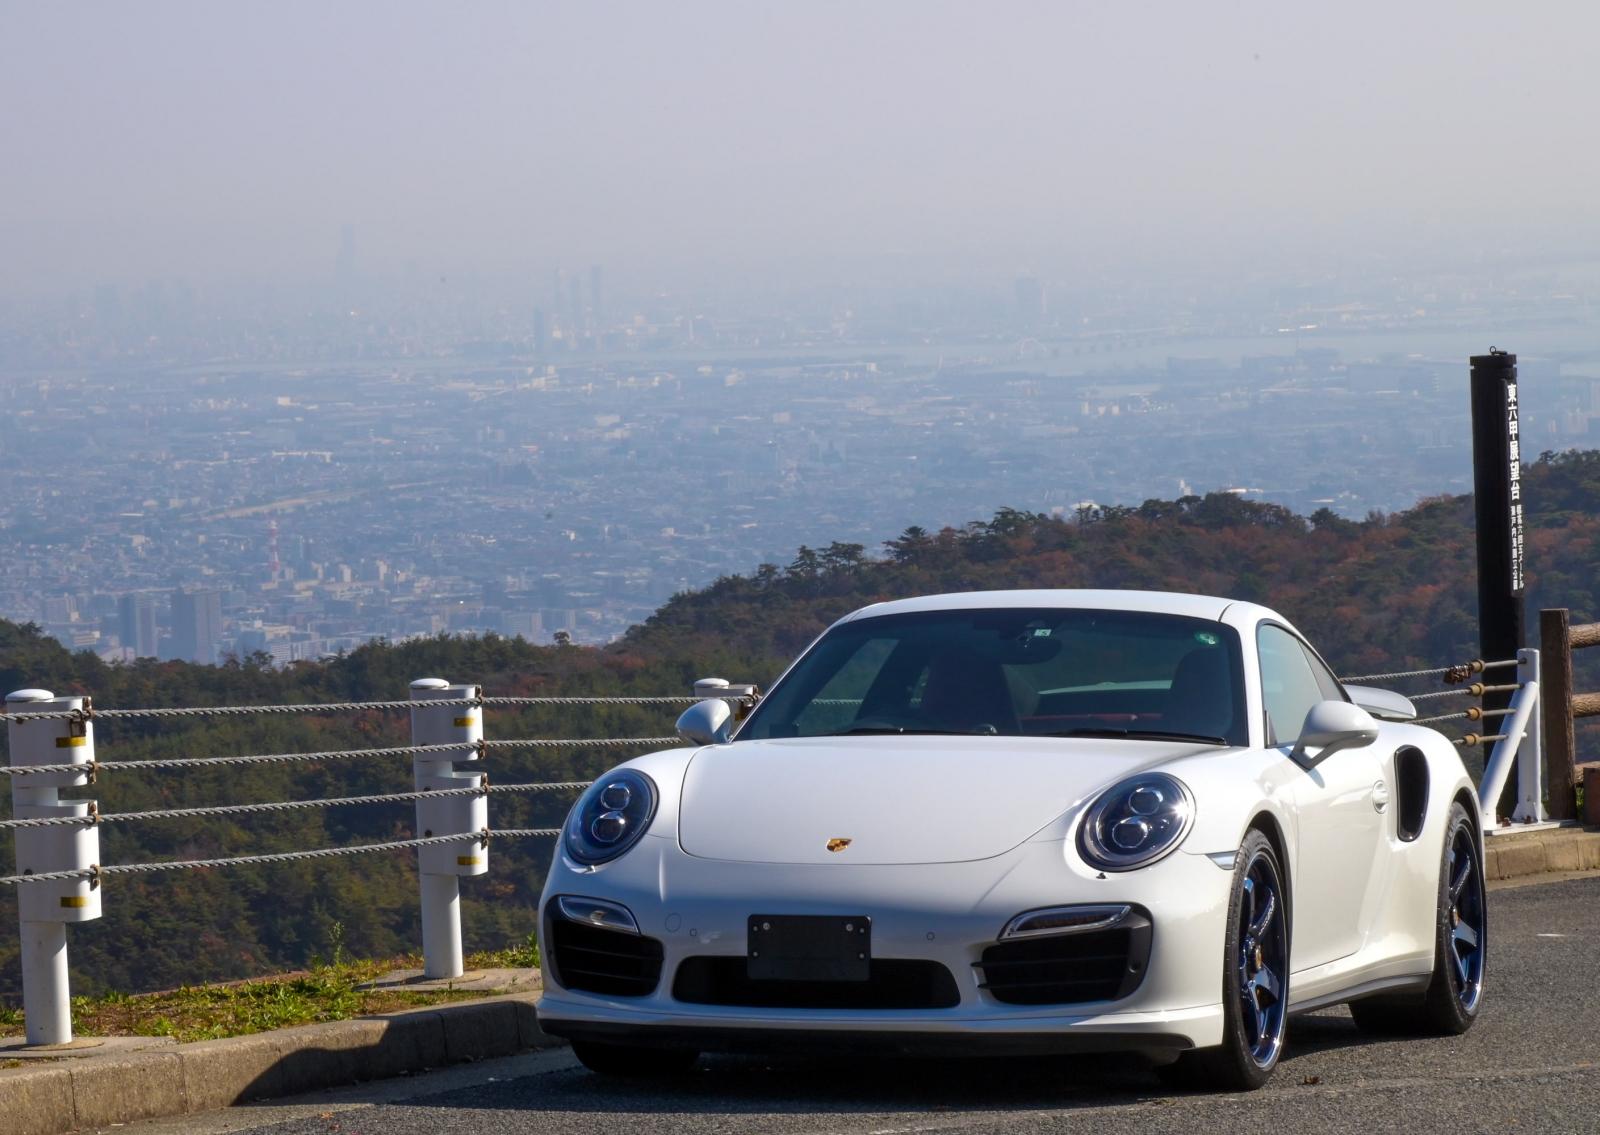 911 (曖昧さ回避) - 911 - JapaneseClass.jp